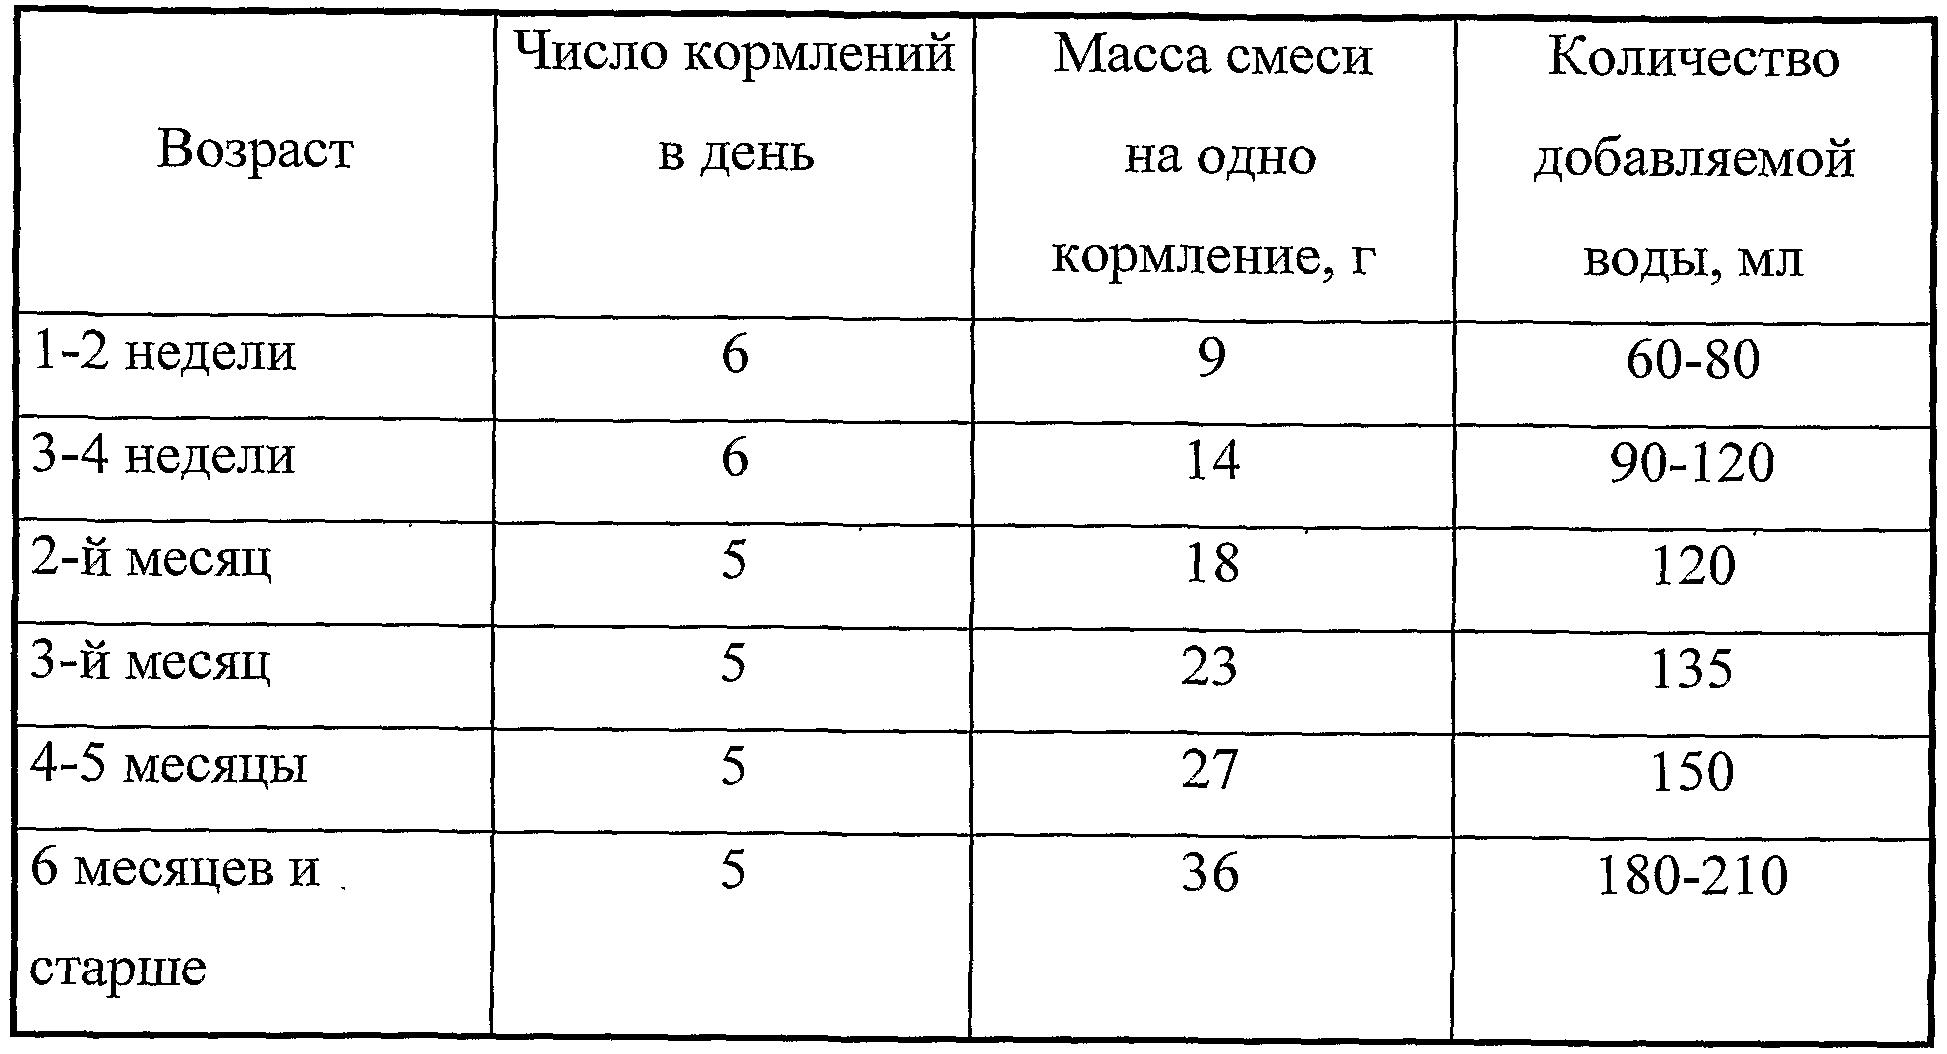 Таблица количества смеси и воды при кормлениях